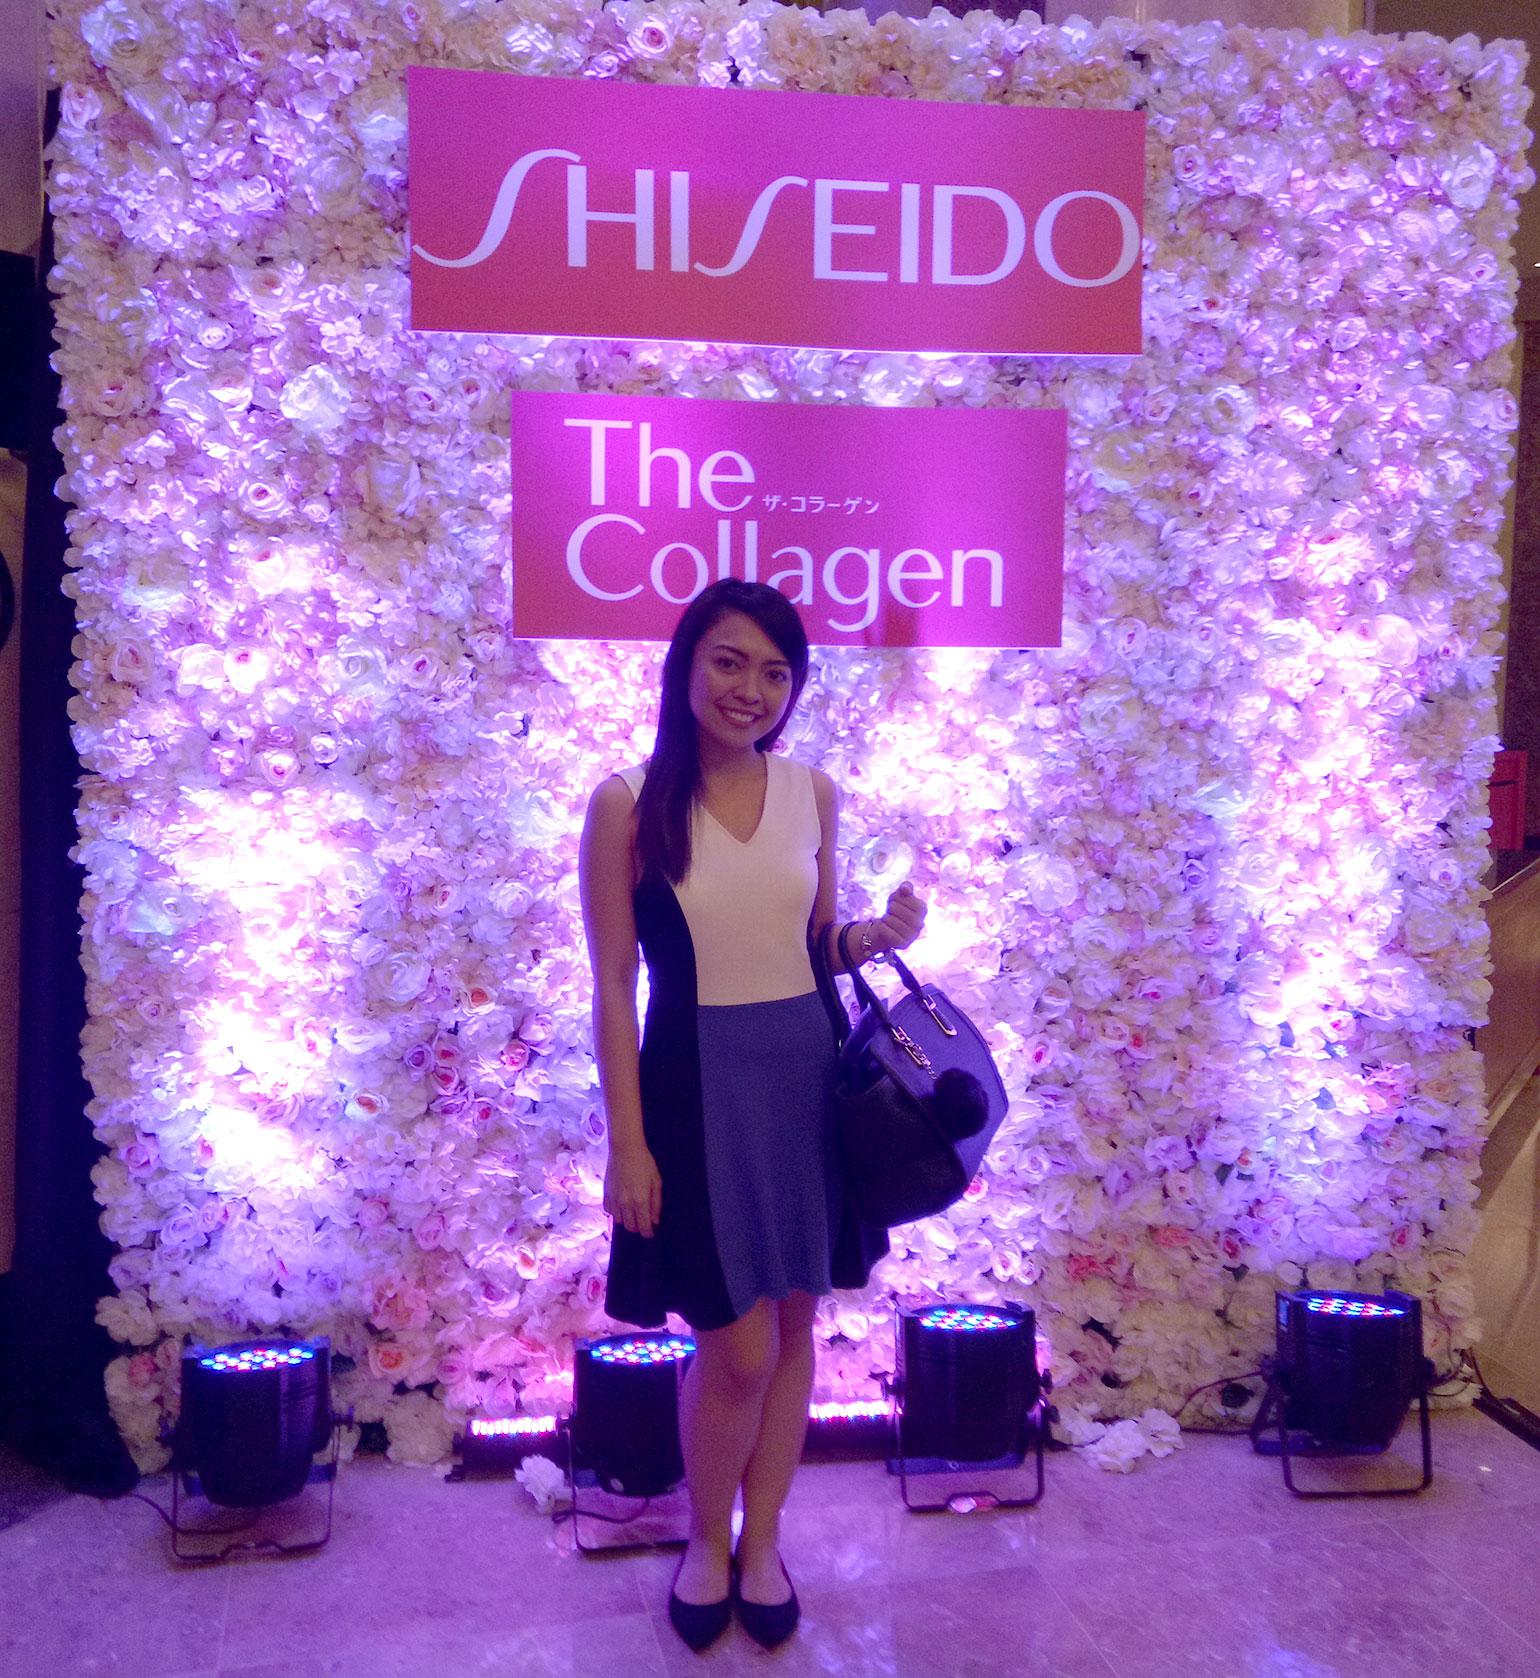 3 Shiseido The Collagen PH - Gen-zel She Sings Beauty OPPOF3